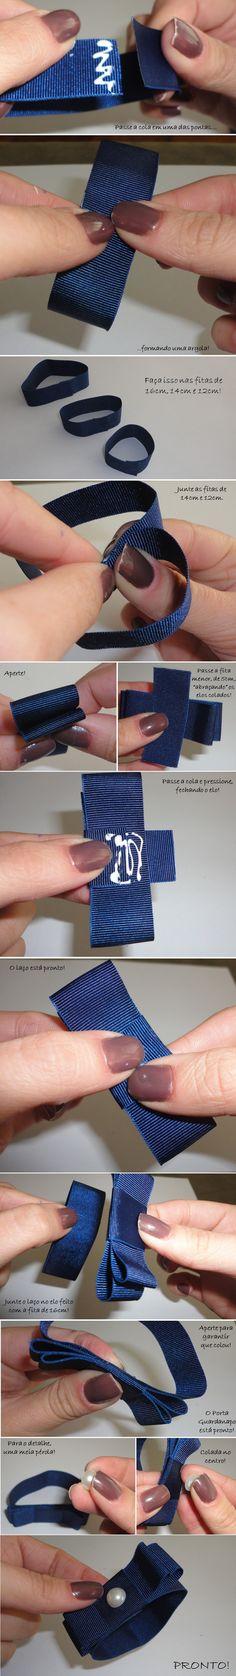 Como fazer Porta Guardanapo com Laço Chanel Duplo » Leia no Make Up Your Styles, o blog da Dani Zaccai